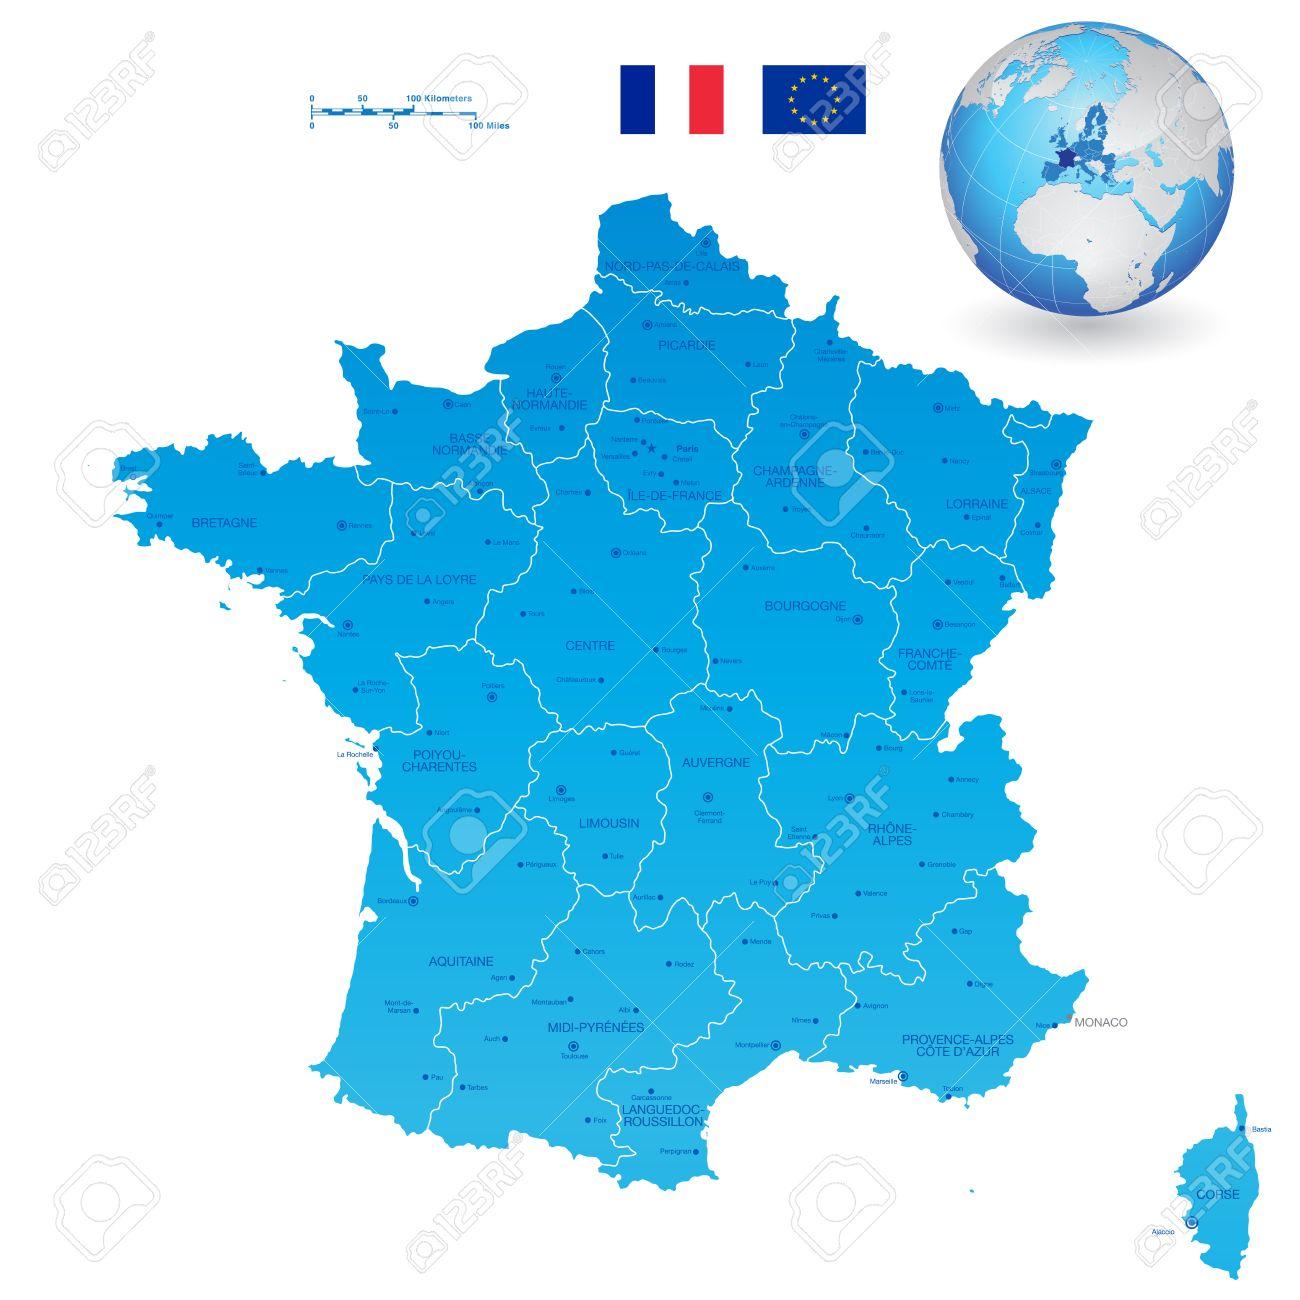 Regionen Frankreich Karte.Stock Photo